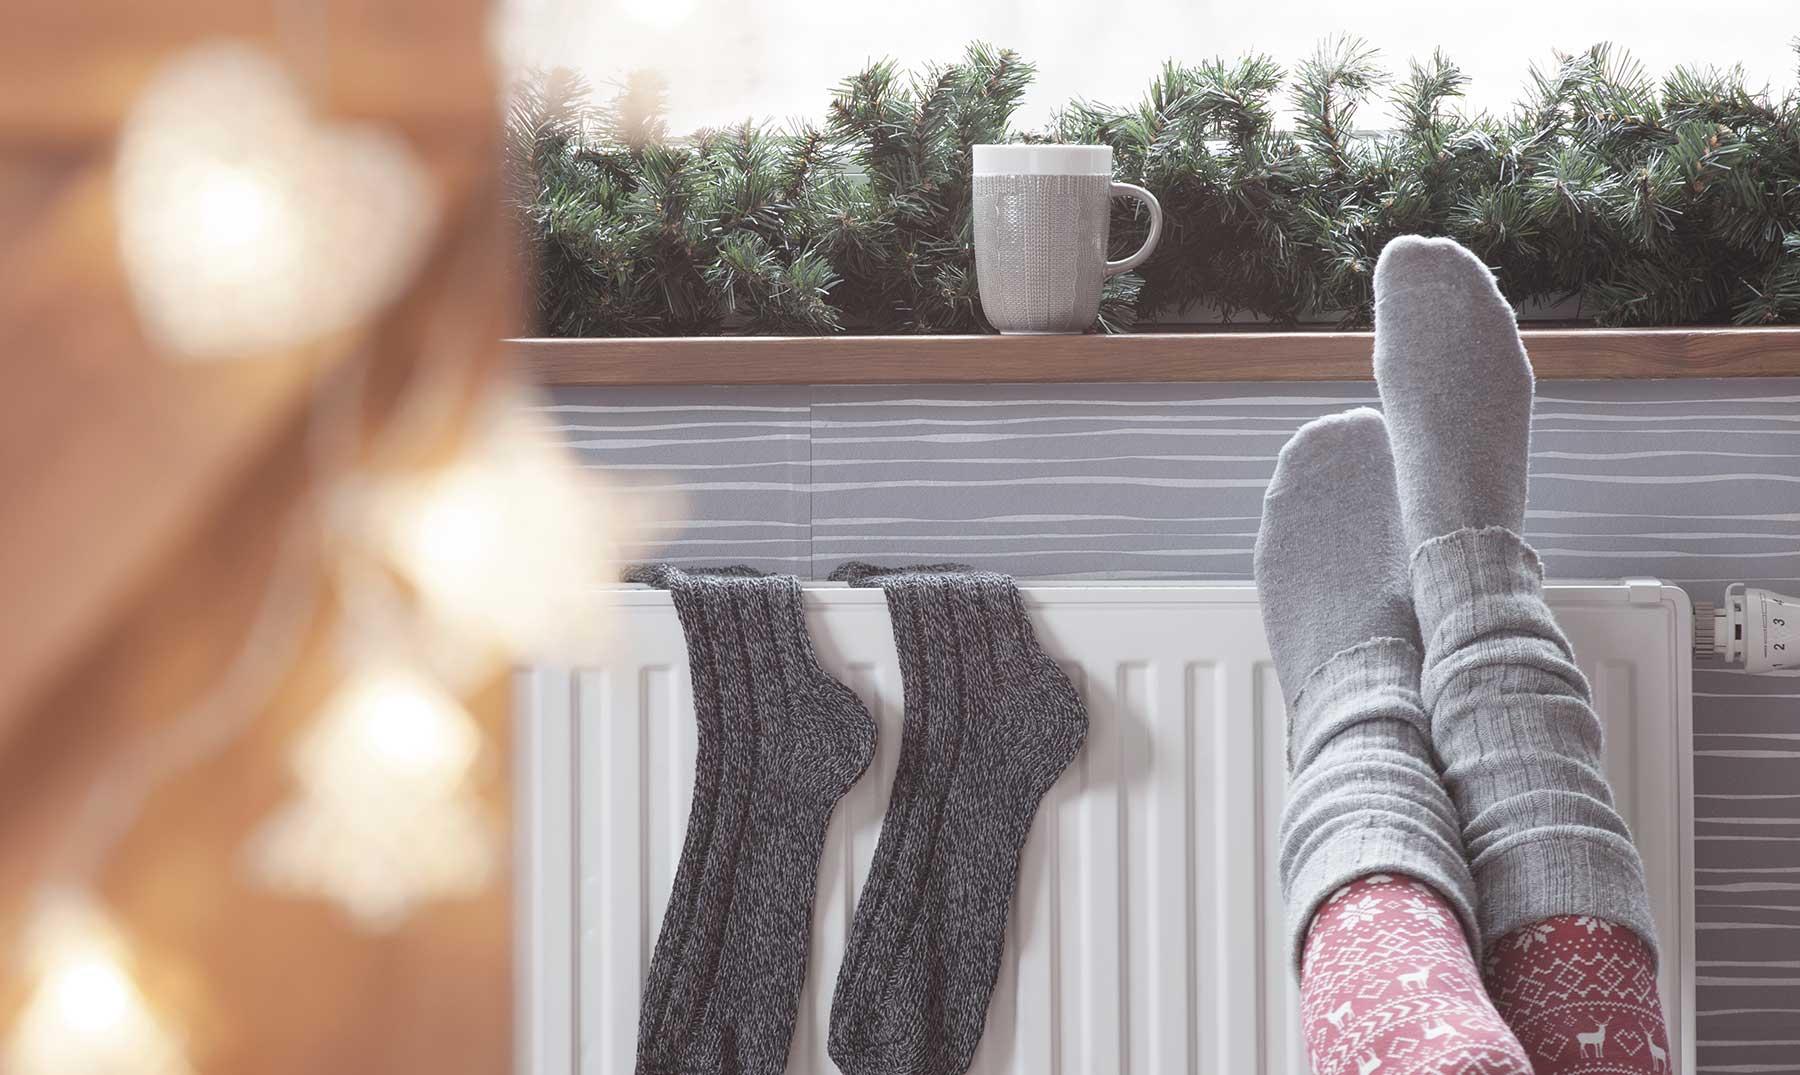 ¡Caliéntate y enfríate ecológicamente!